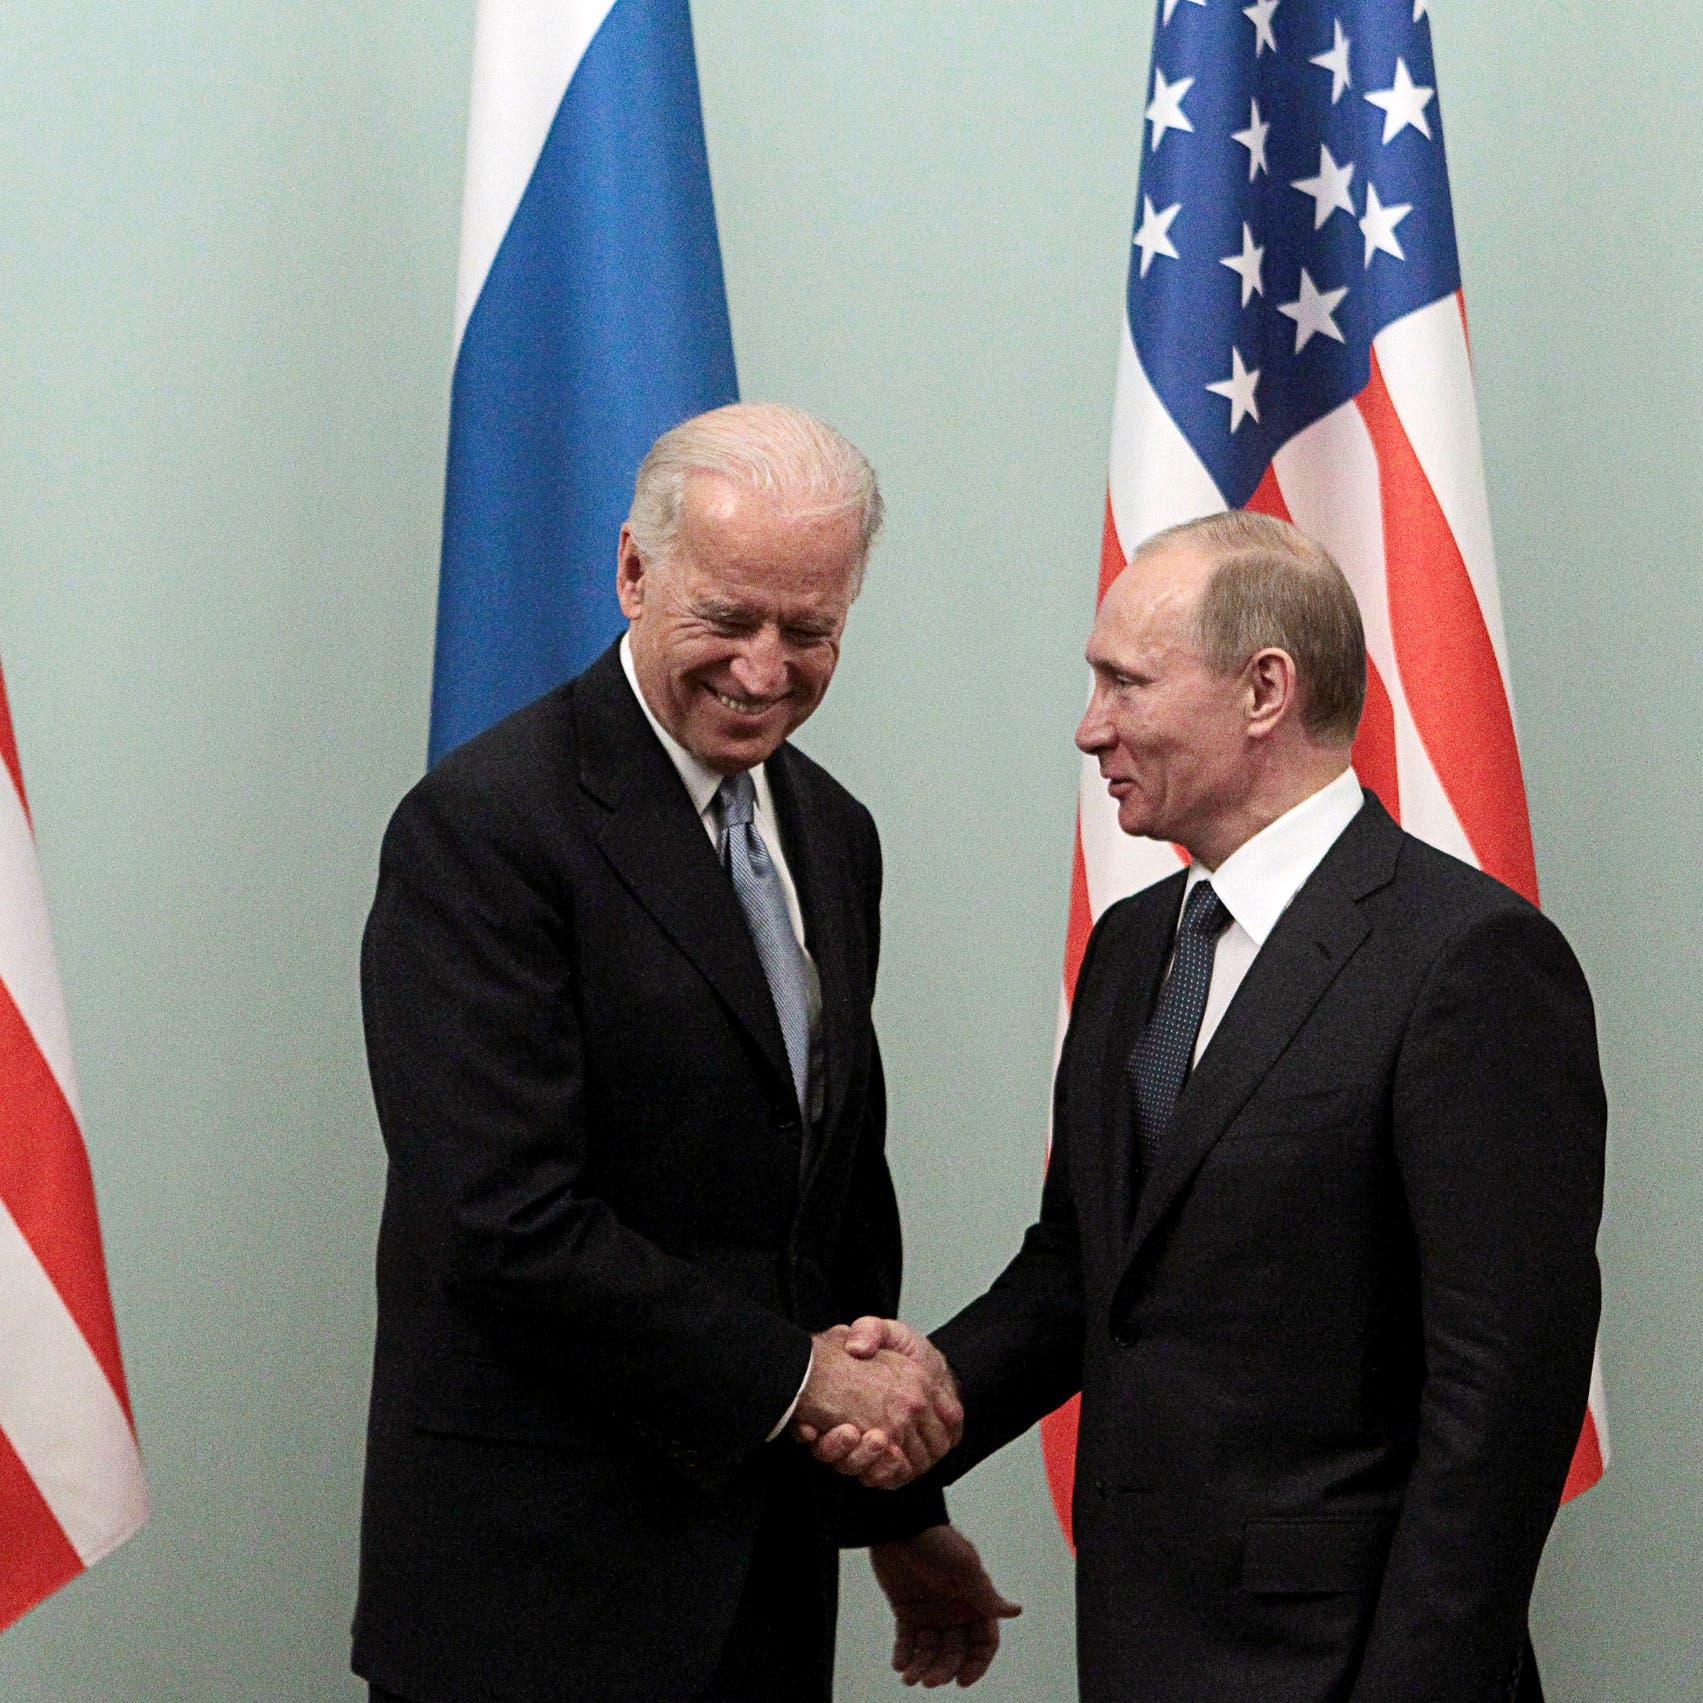 قبيل قمة الرئيسين.. روسيا: أجندة موسكو وواشنطن لا تتطابقان